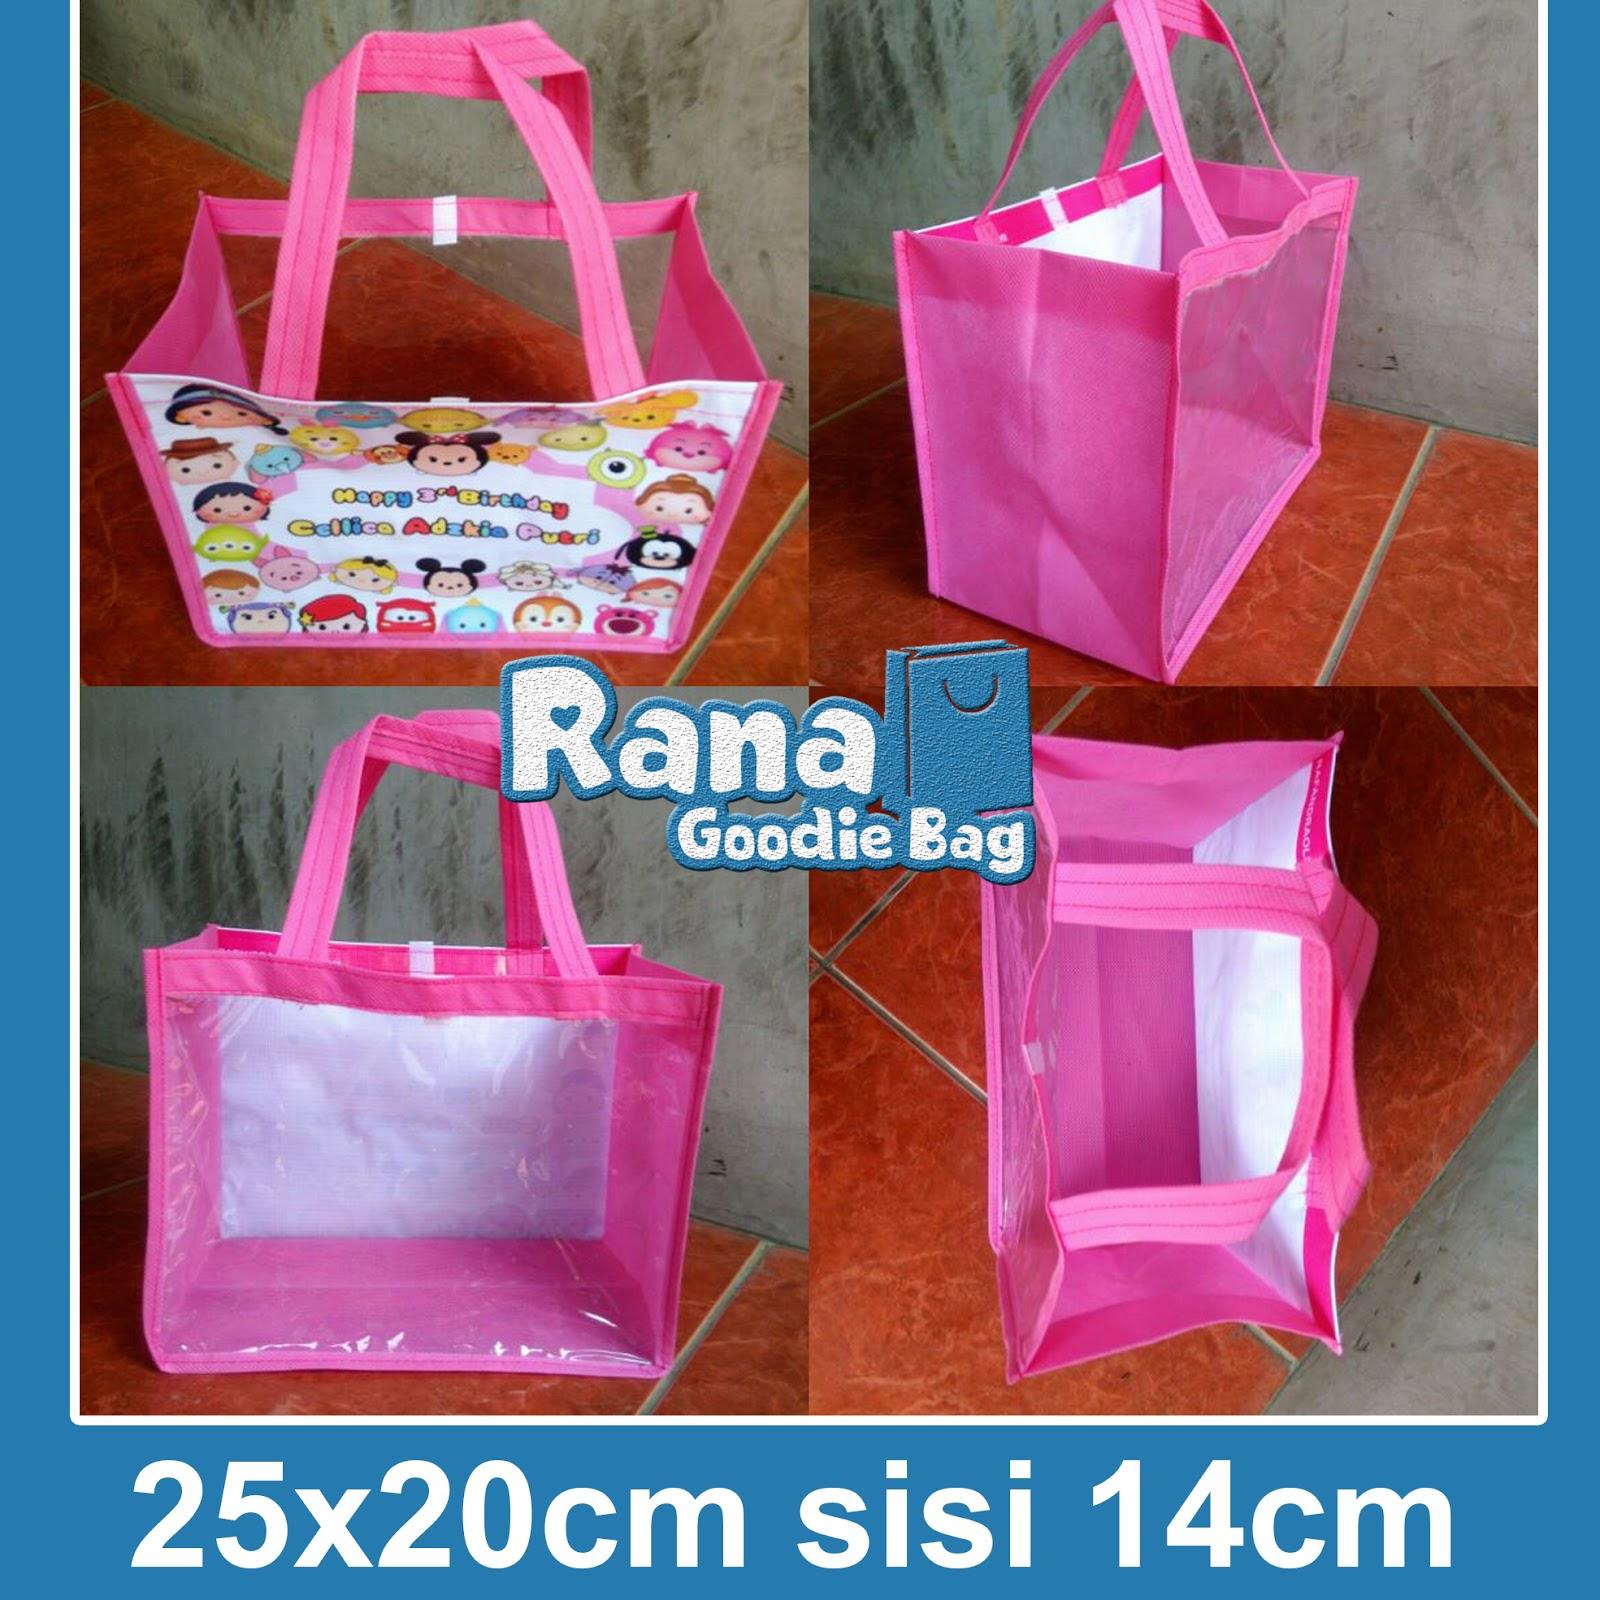 Toko Goodie Bag Ultah Anak Ready Stock Tas Disney Tsum Mika Murah